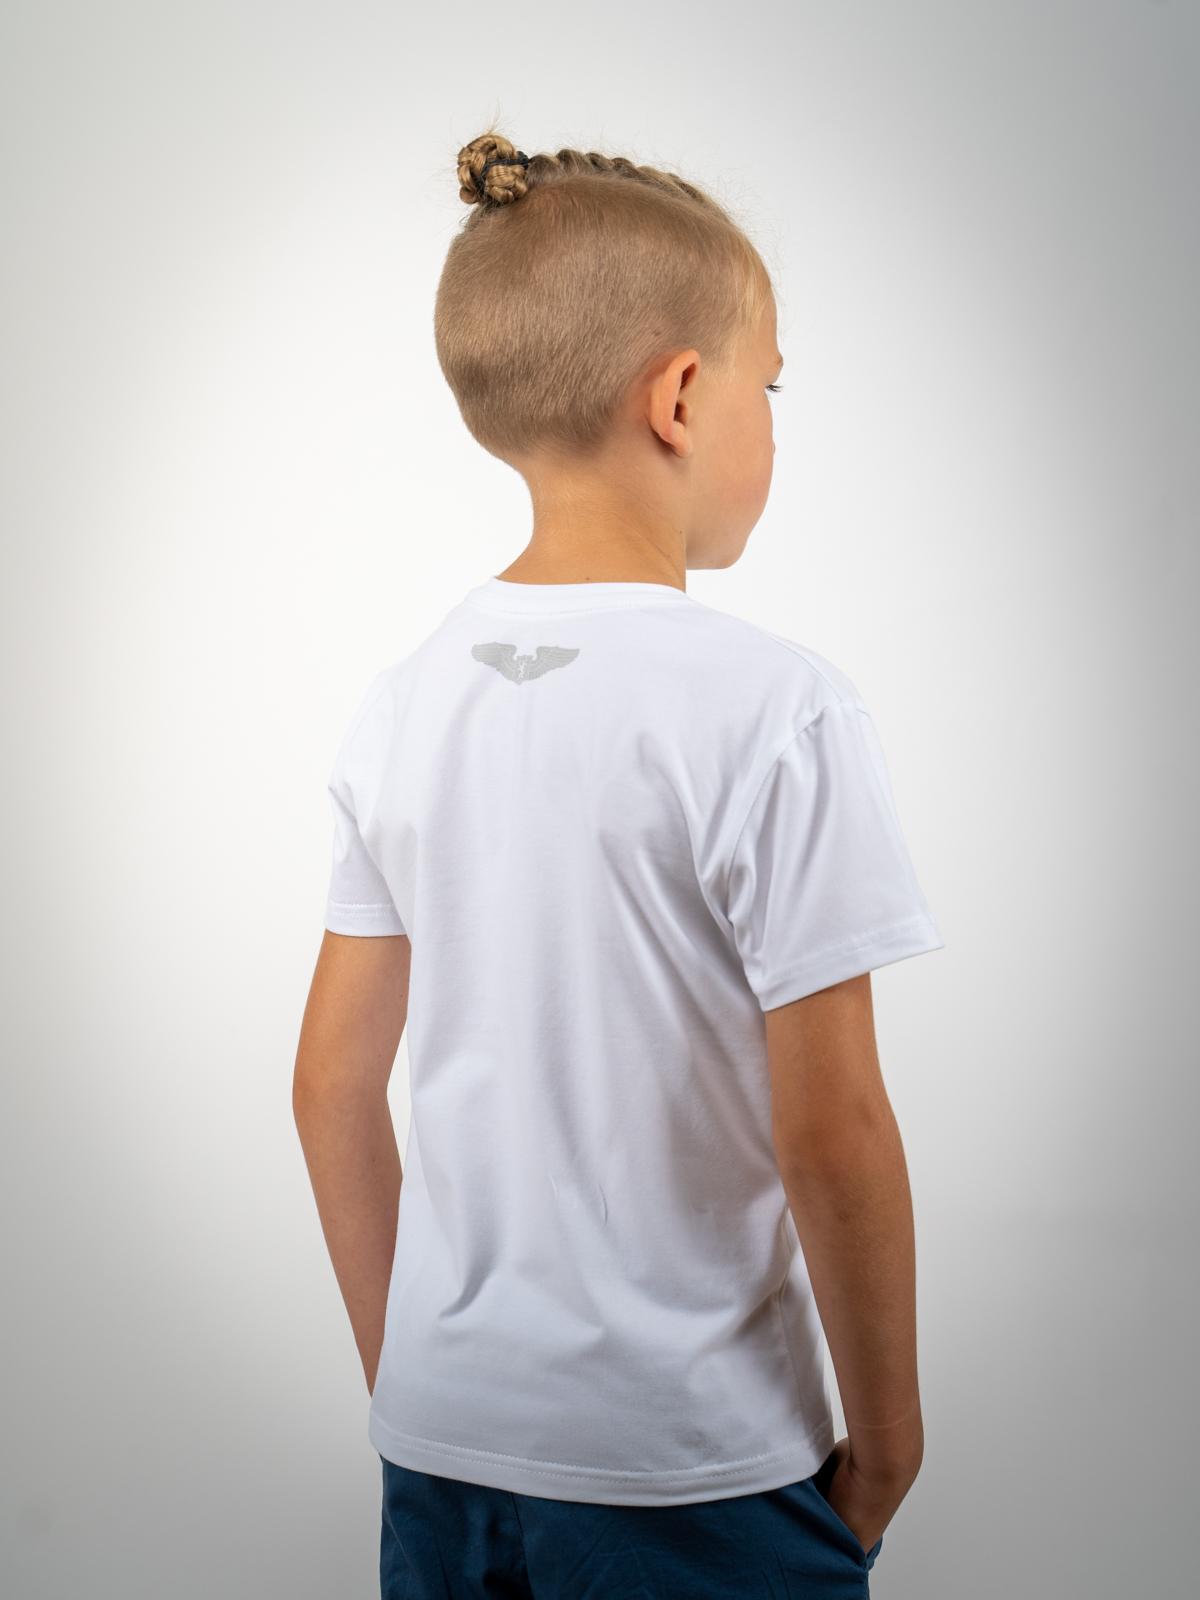 Kids T-Shirt Lion (Roundel). Color white.  Material: 95% cotton, 5% spandex.